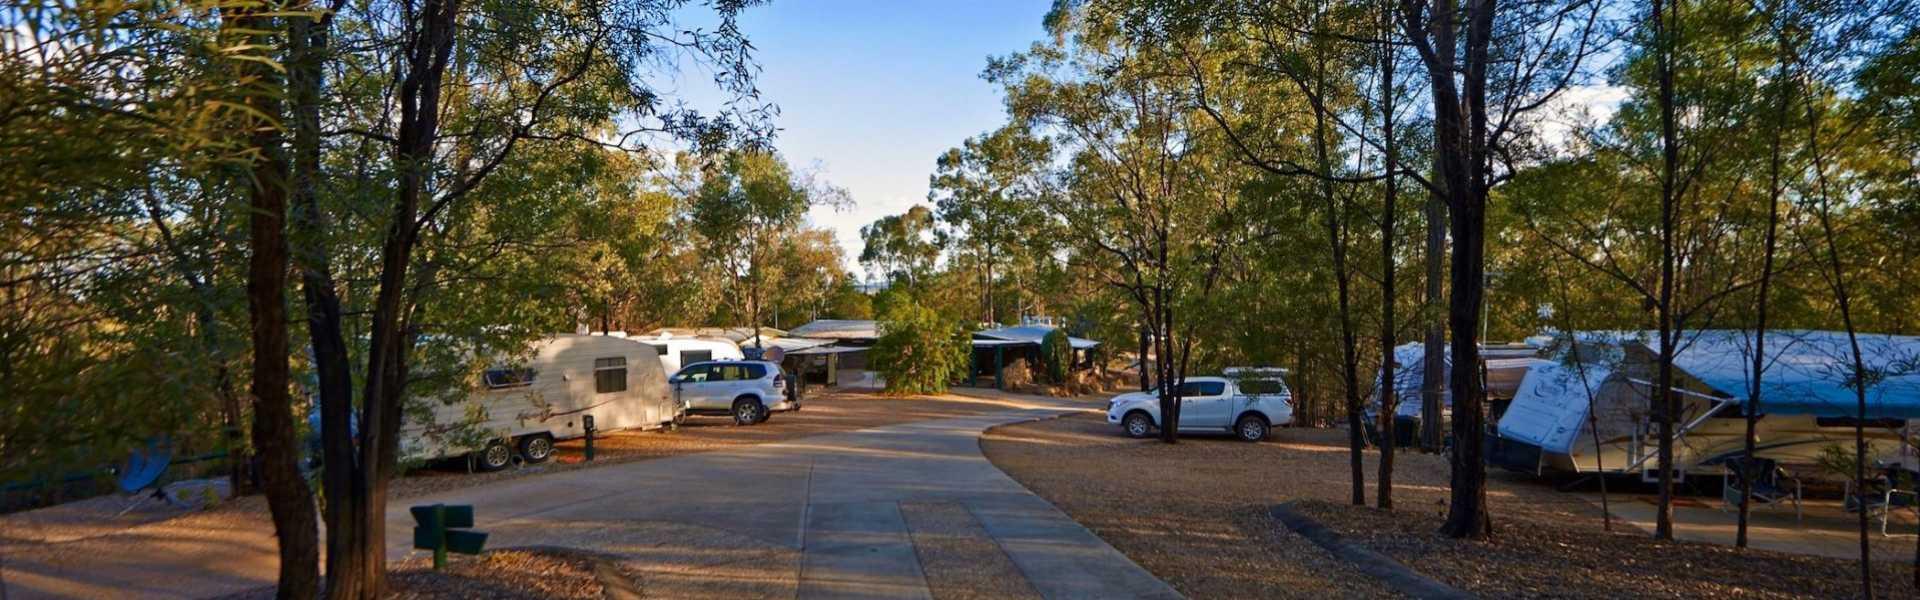 Kui Parks, Sapphire Caravan Park, Gemfields, Sites